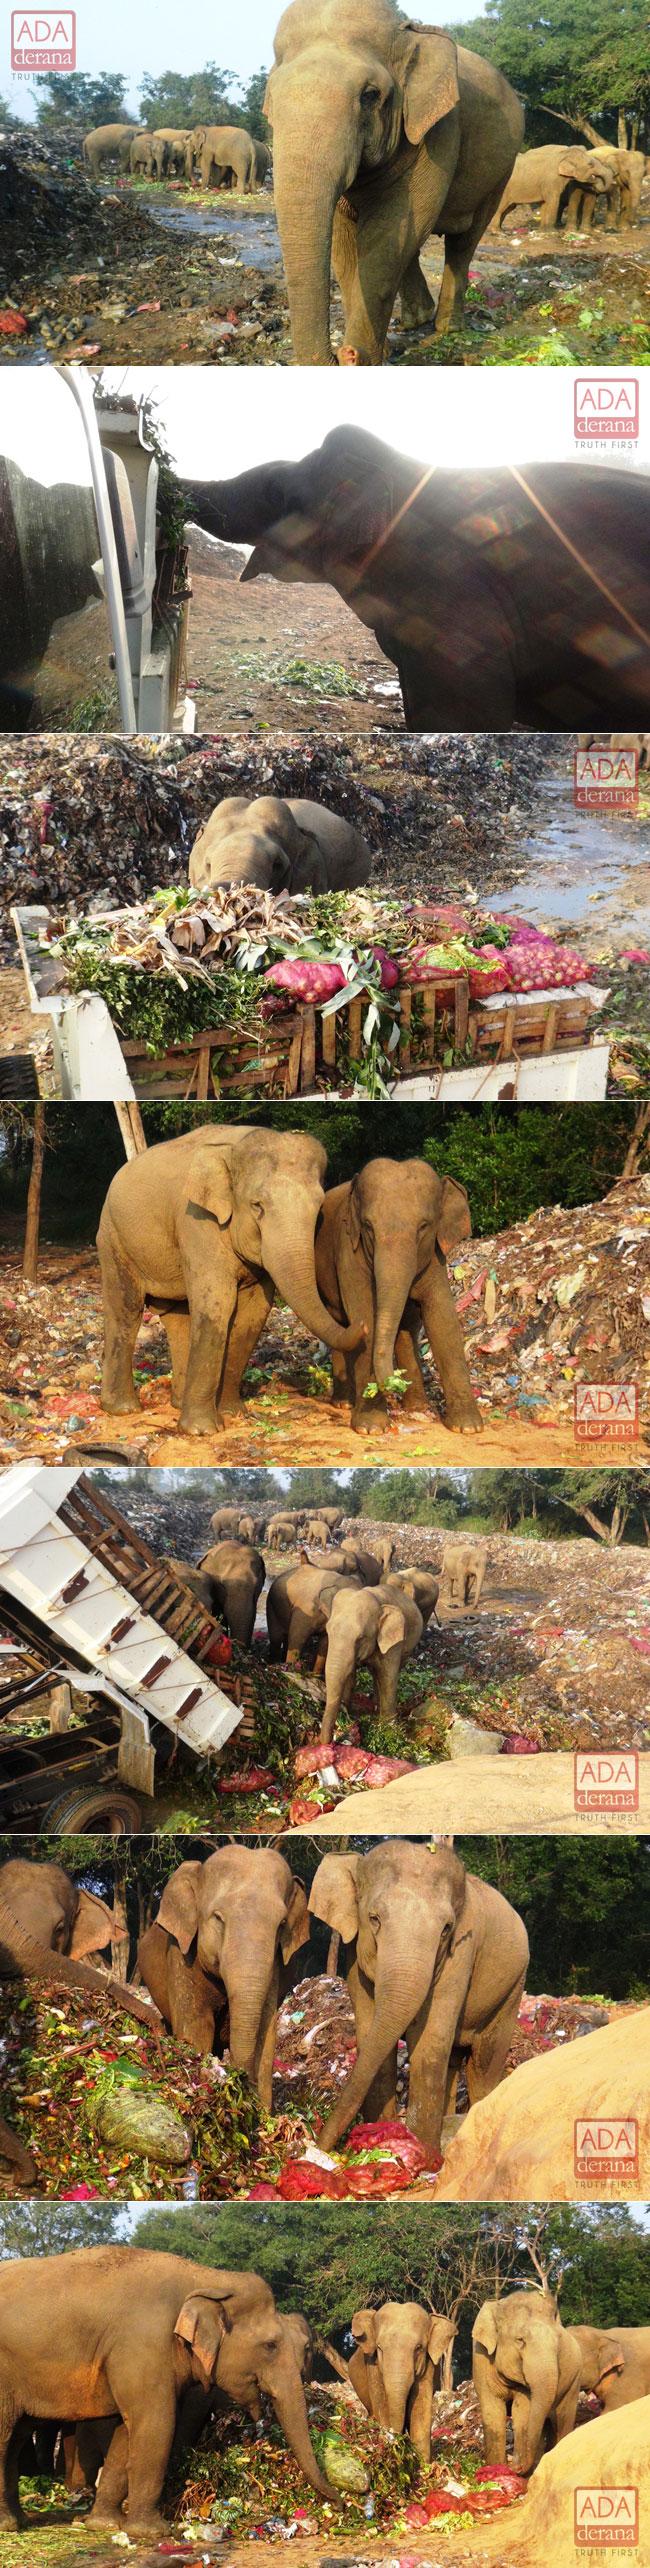 A treat for elephants...